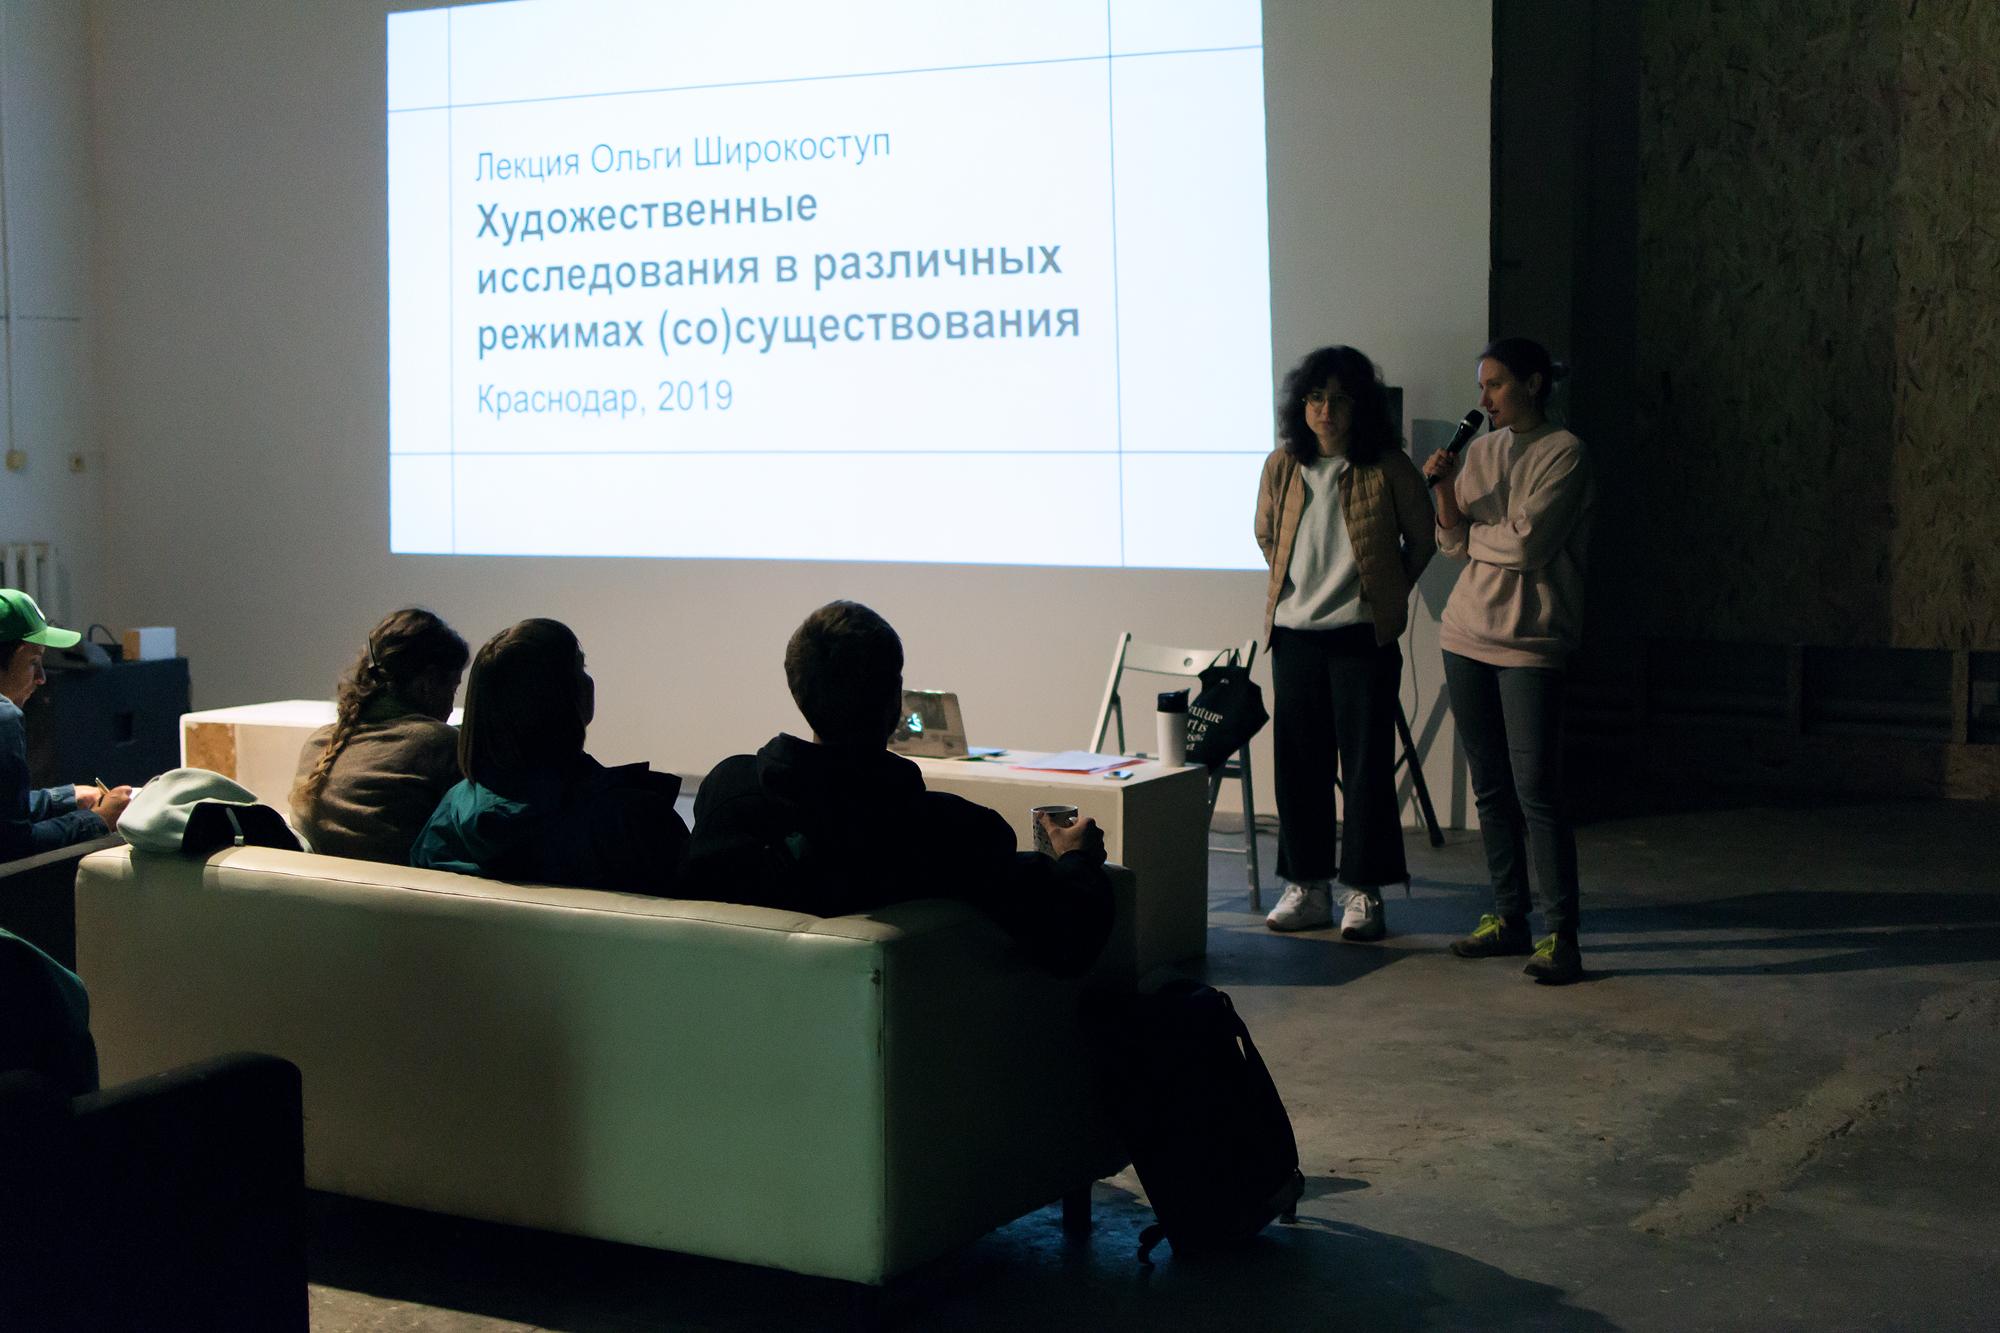 «Школа исследователей и организаторов» на Культурном форуме в Петербурге